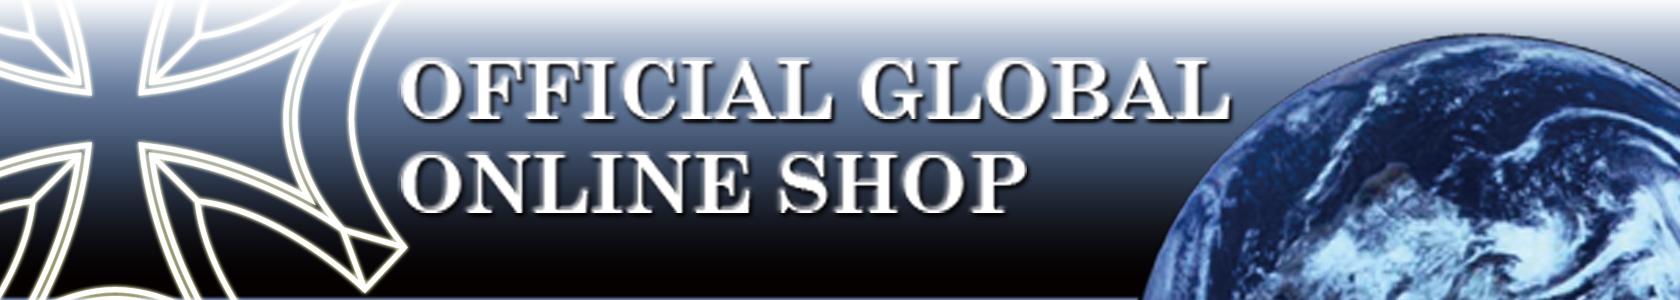 GLOBAL ONLINE SHOP